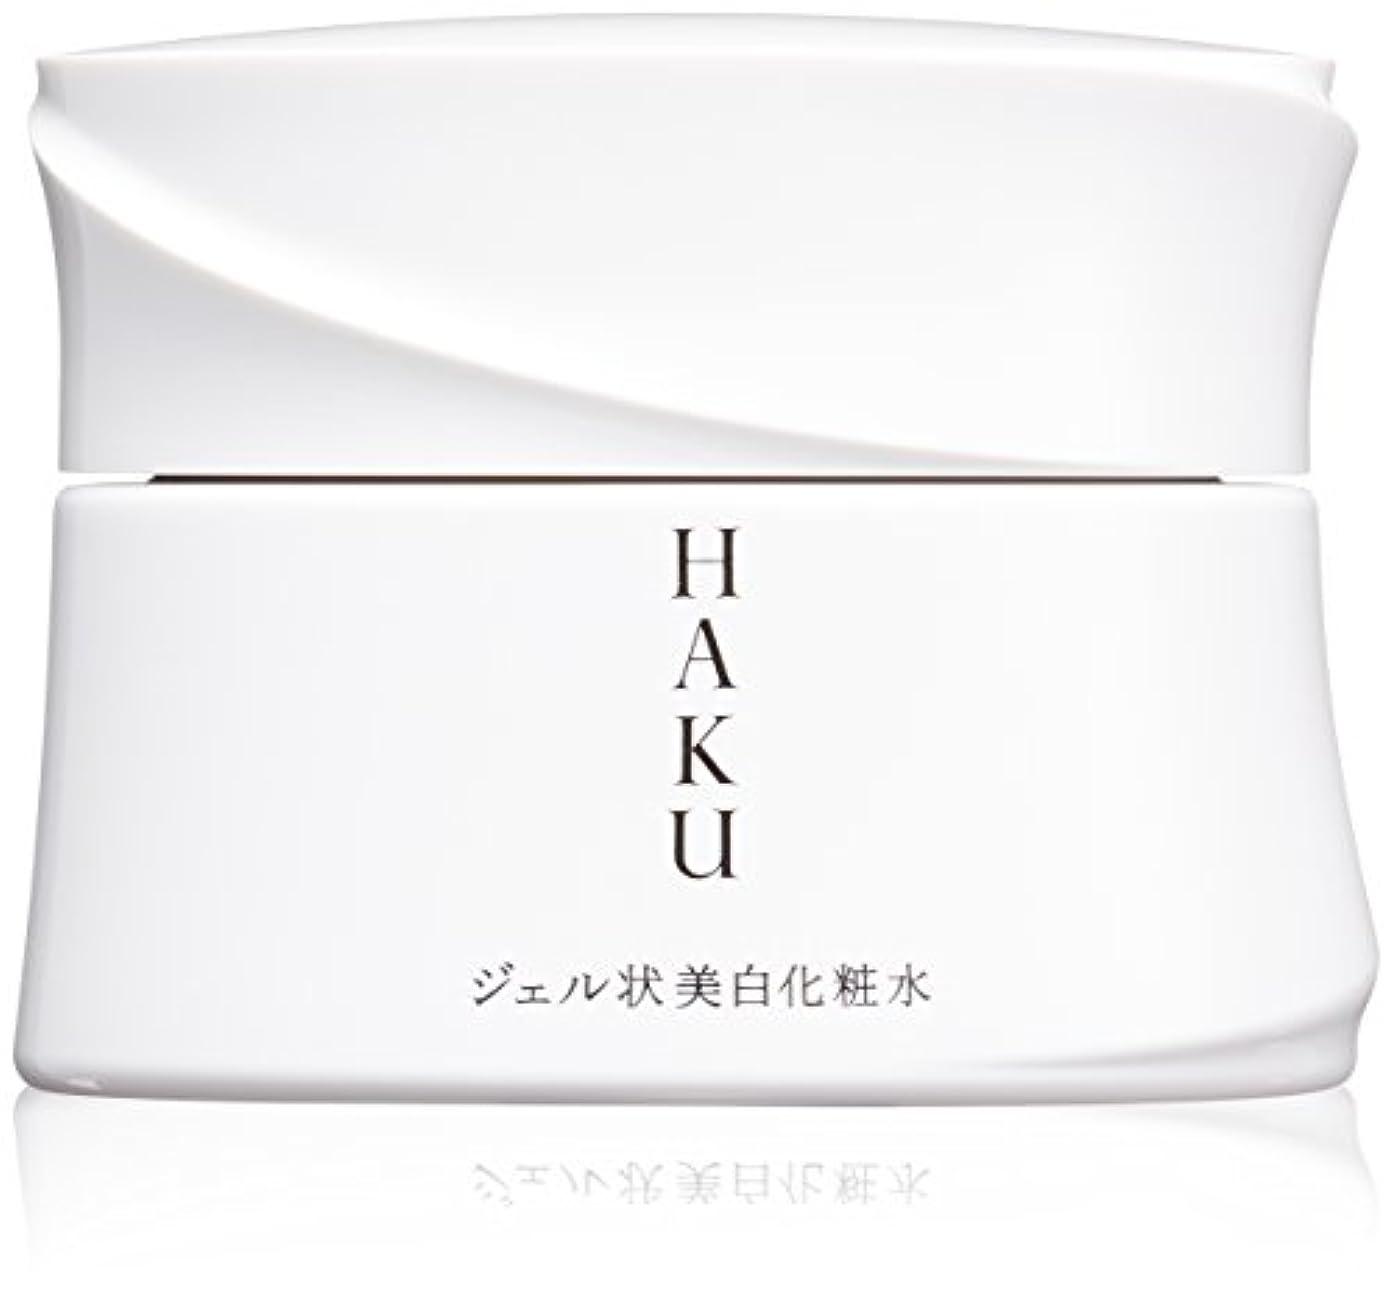 受取人起点調査HAKU メラノディープモイスチャー 美白化粧水 100g 【医薬部外品】